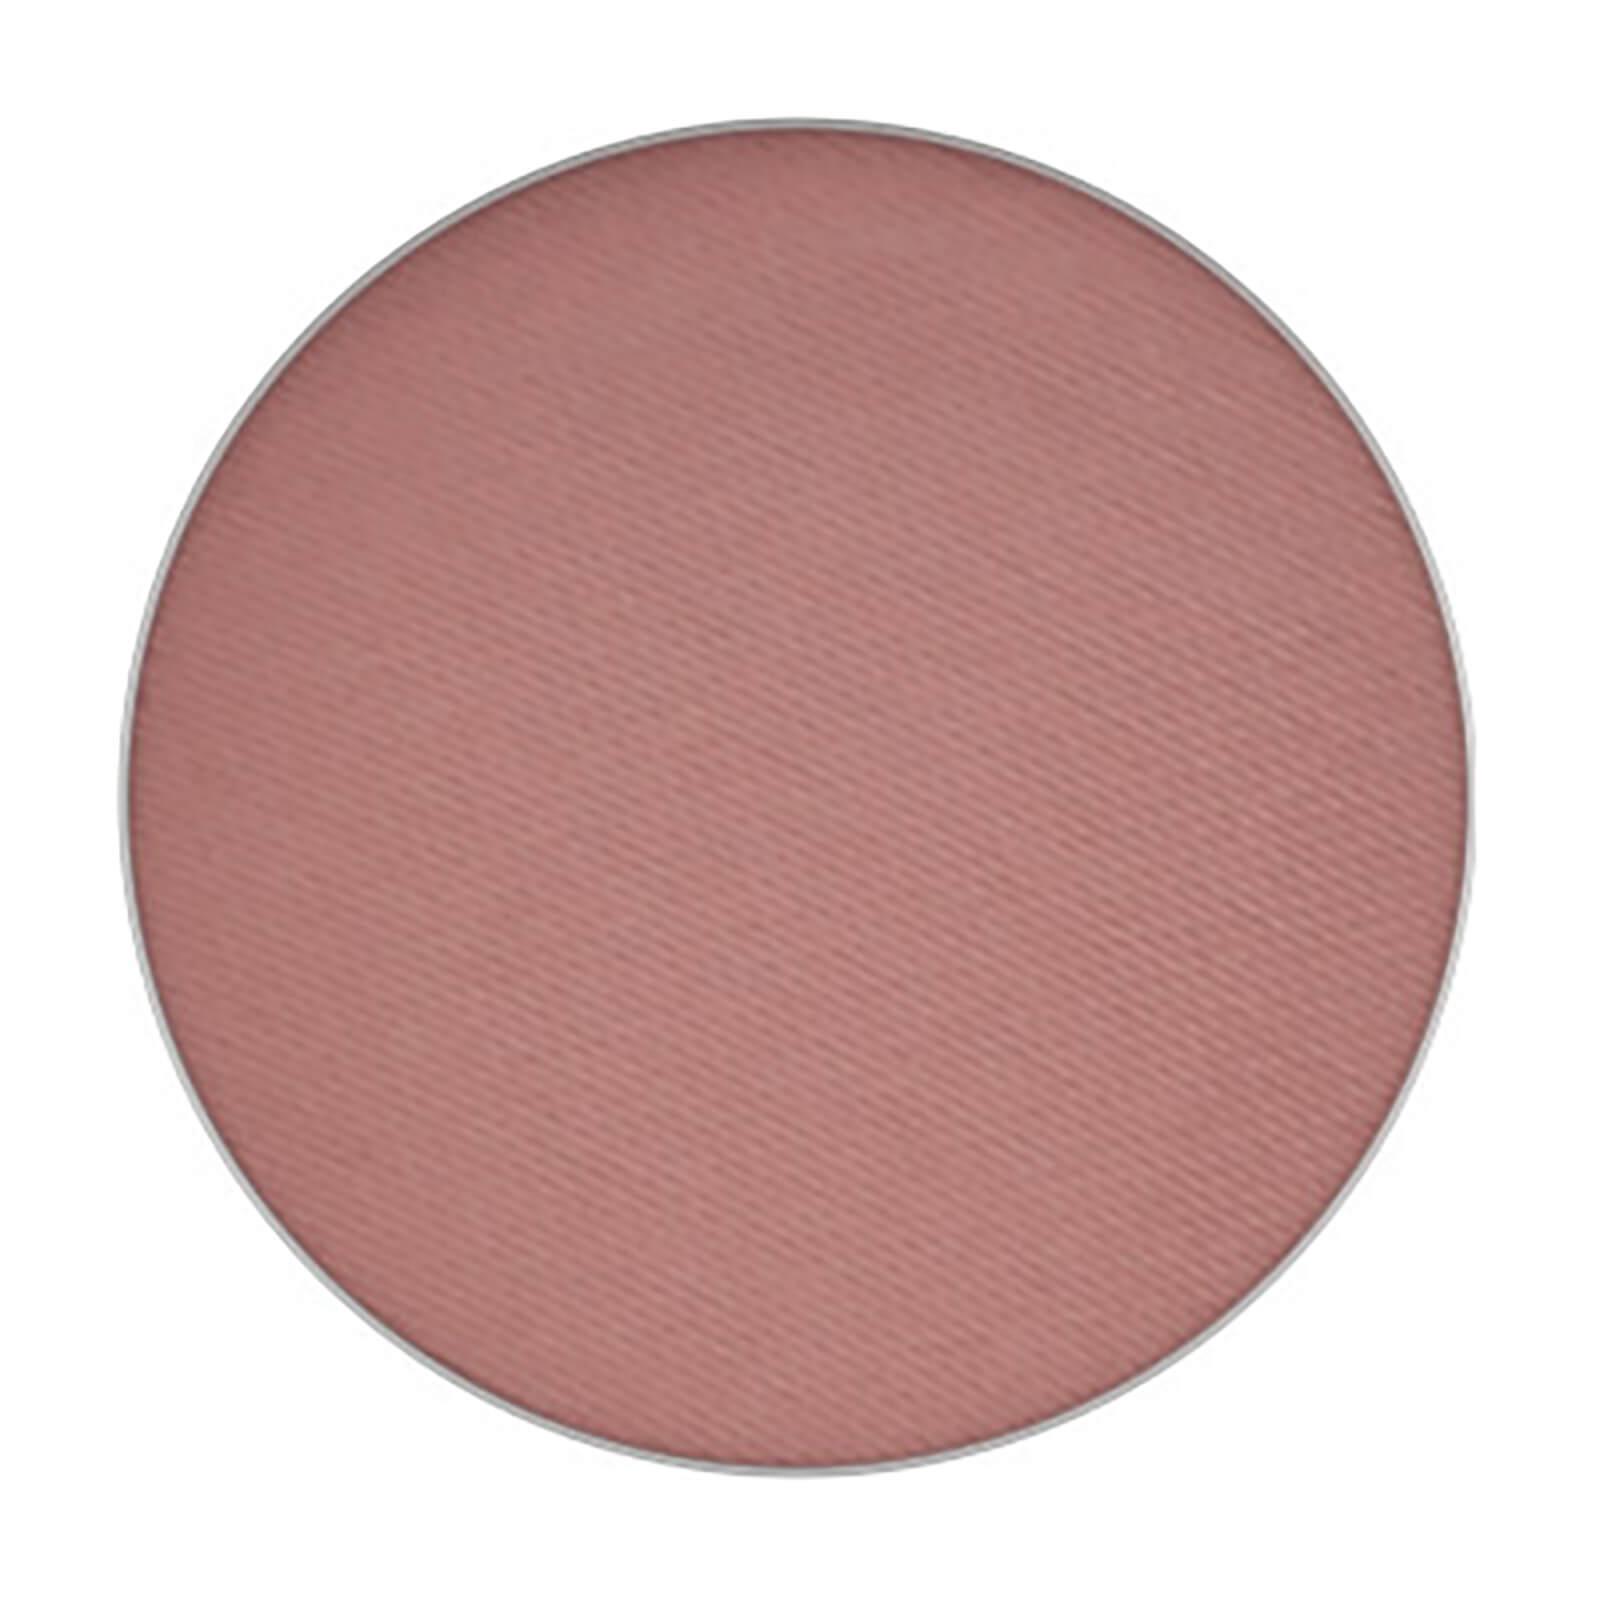 MAC Ombres à paupieres Pro Palette Refill de MAC (ombres variées) - Matte - Swiss Chocolate